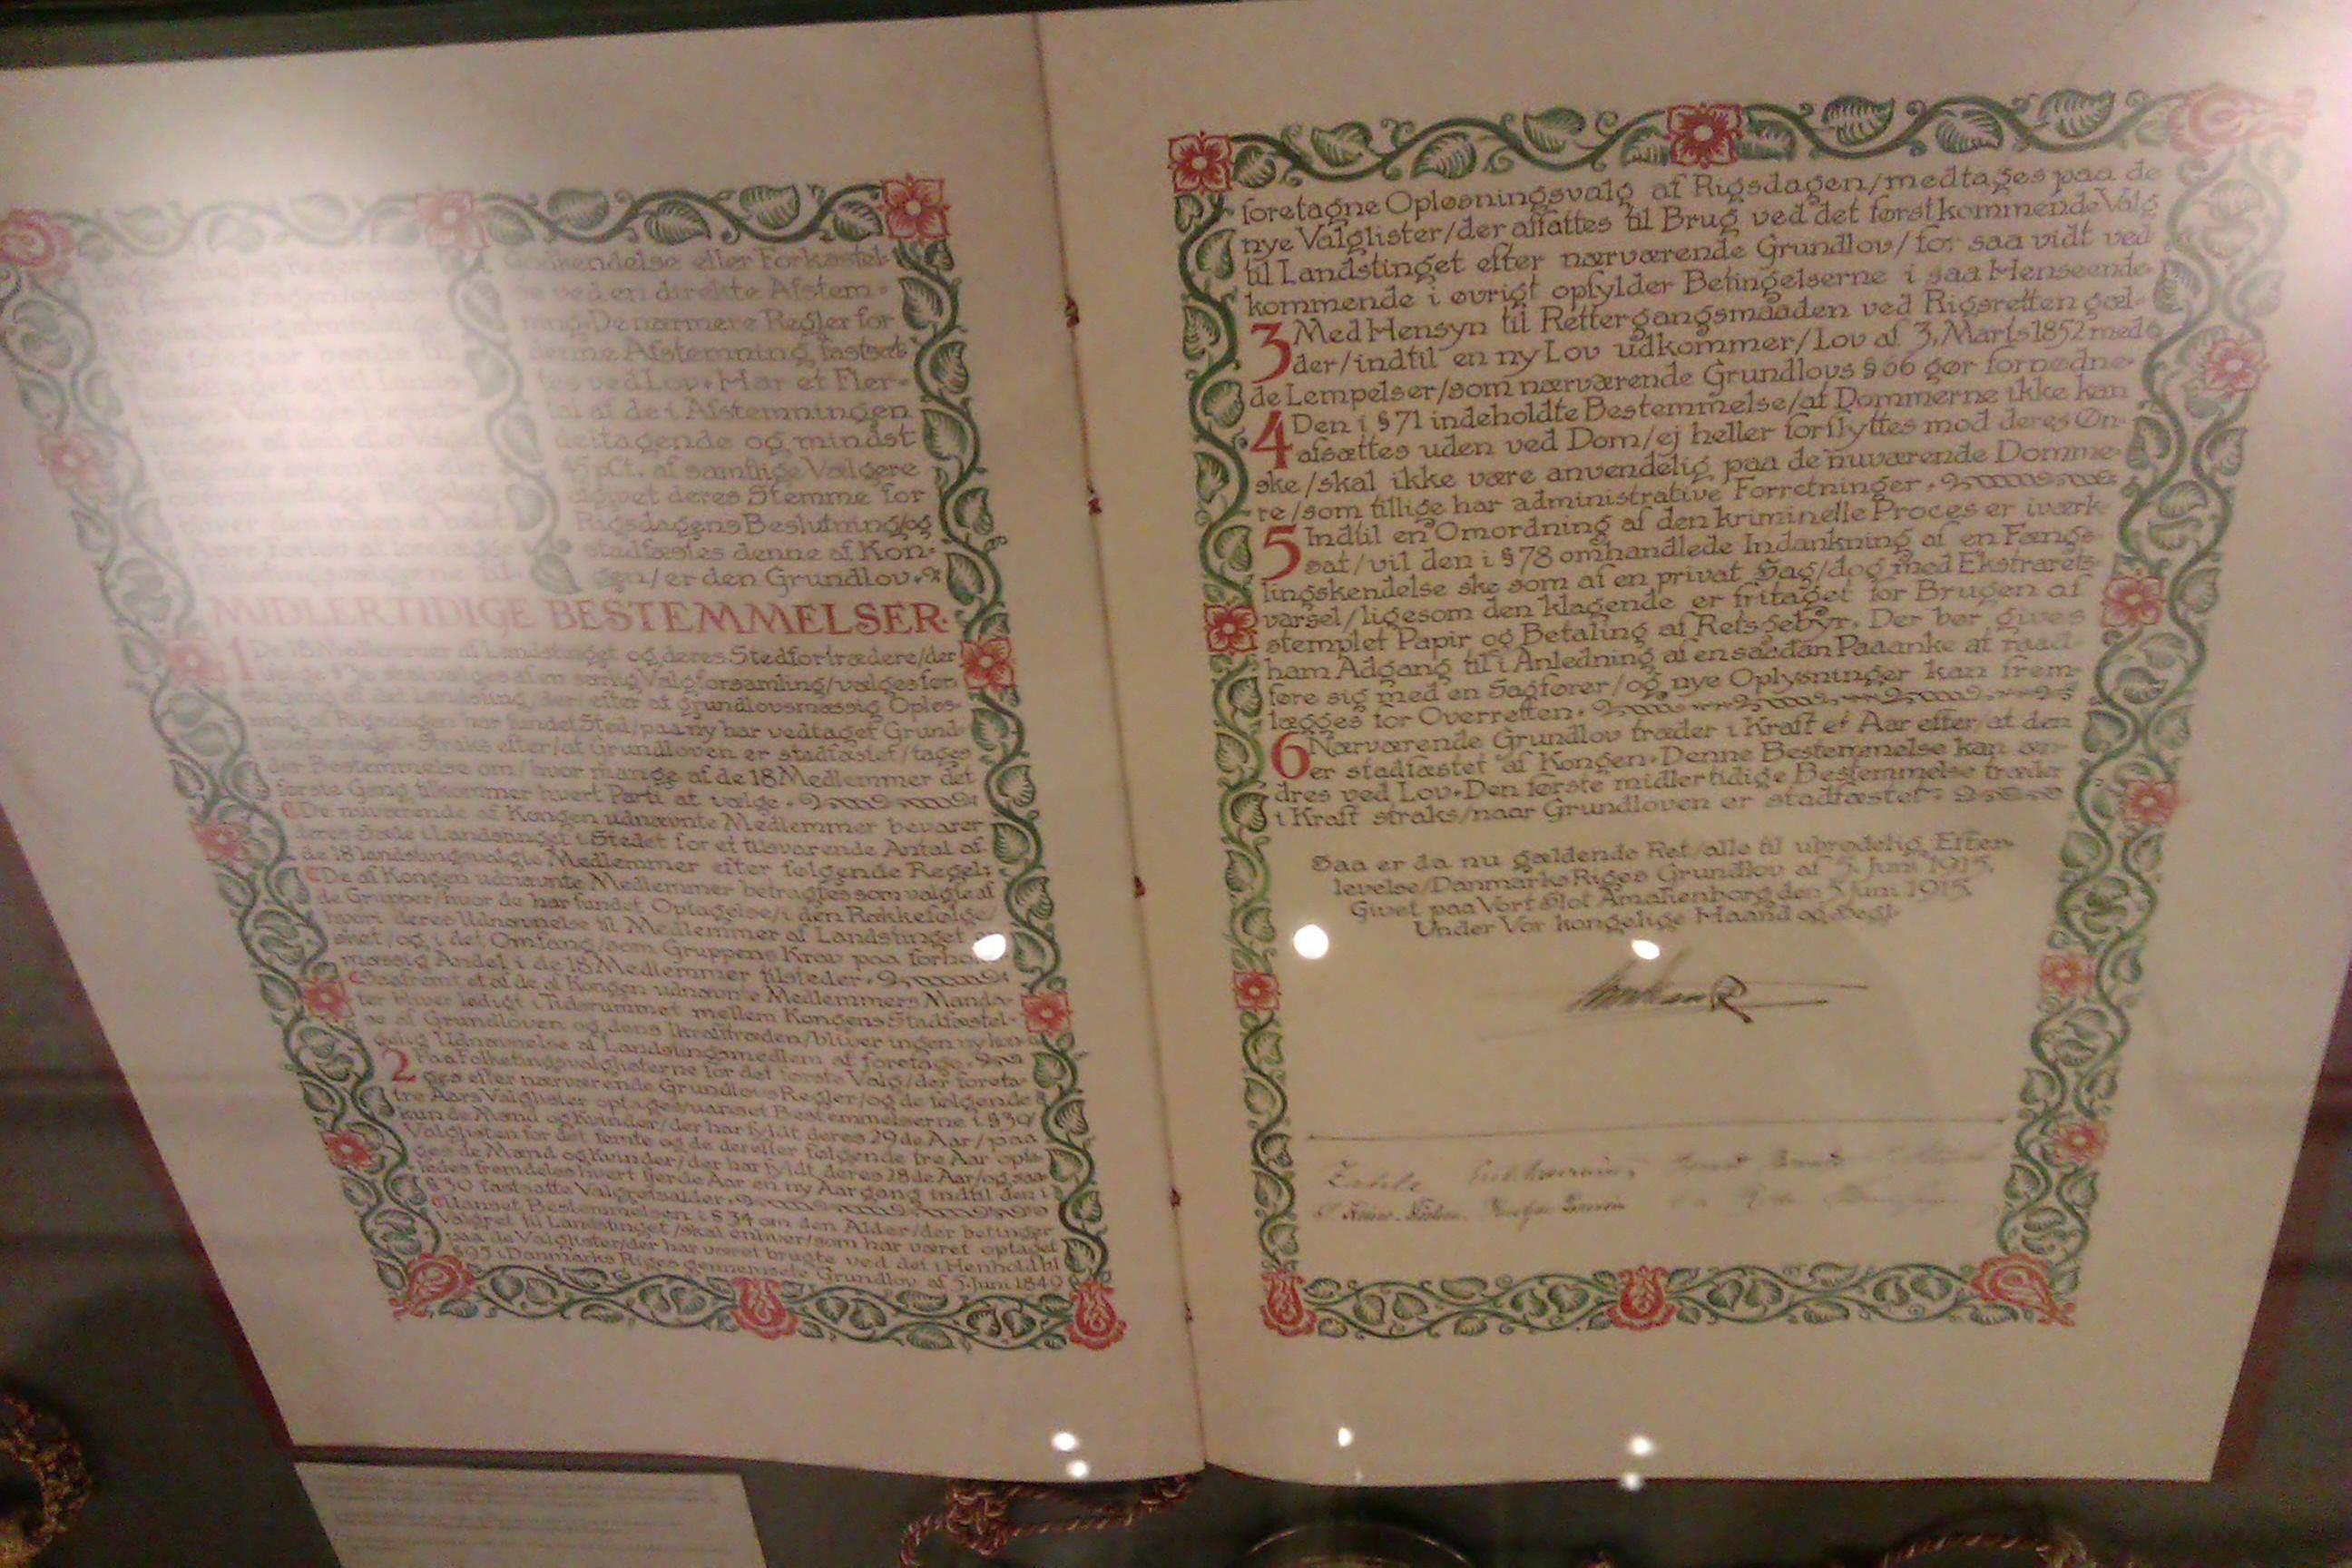 grundloven 1849 tekst